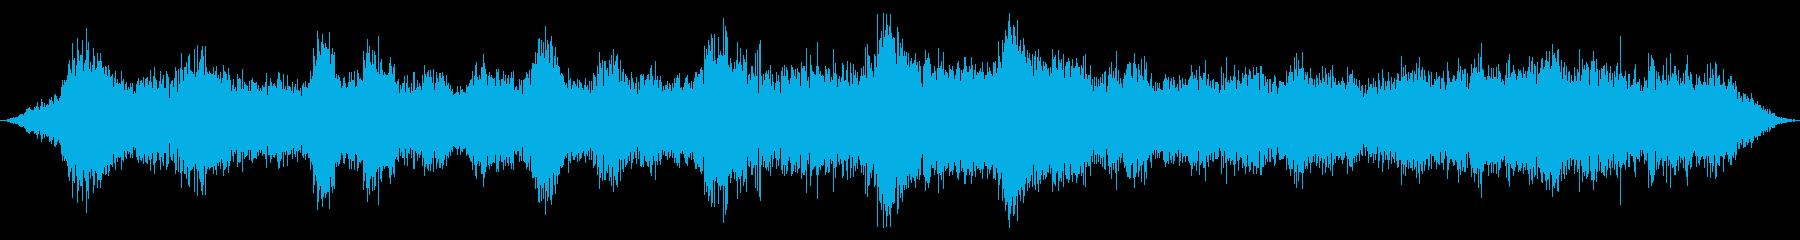 空間周波数の渦、遅いの再生済みの波形